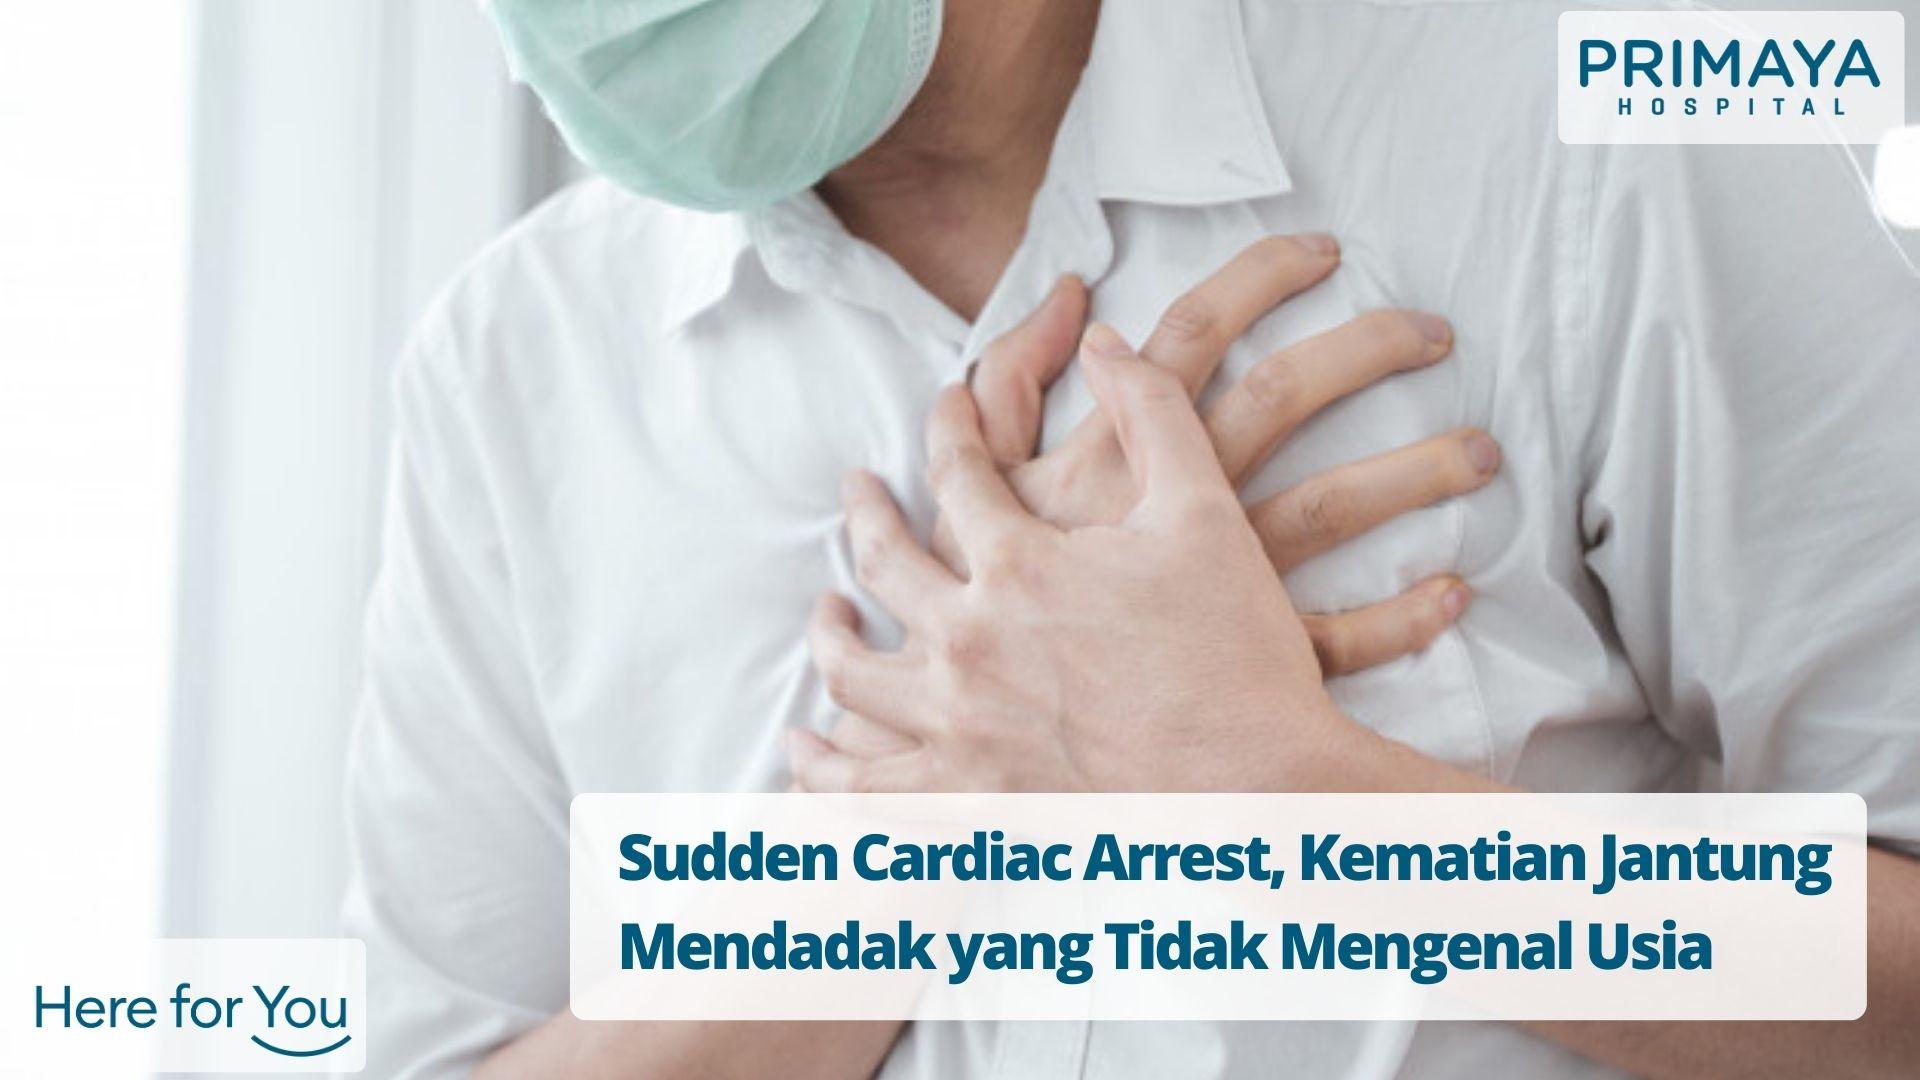 Sudden Cardiac Arrest, Kematian Jantung Mendadak yang Tidak Mengenal Usia